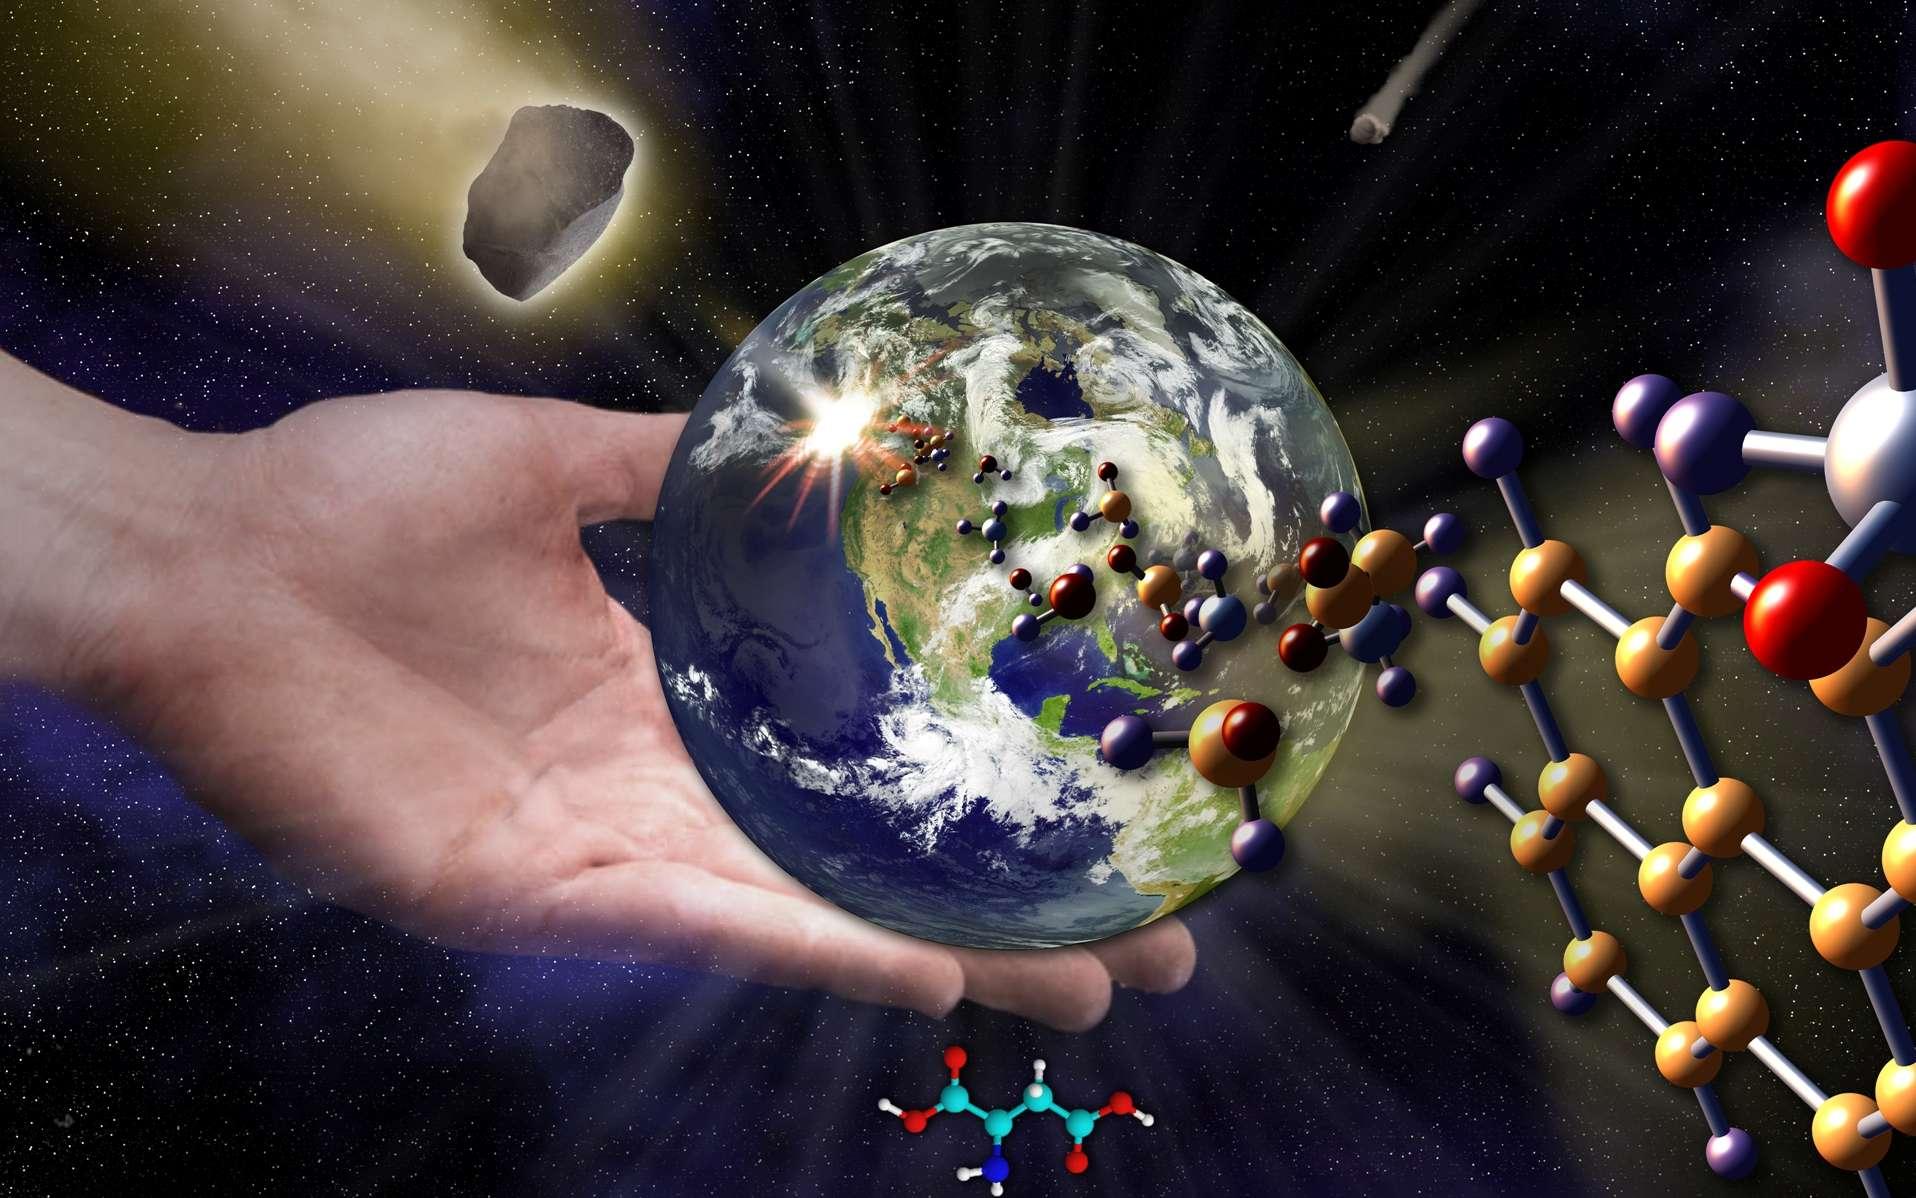 Stanley Miller faisant une démonstration de sa célèbre expérience. Elle a depuis été répétée de nombreuses fois avec des variantes. Elle fait toujours l'objet de recherches, d'autant plus que l'on se prépare à analyser l'atmosphère d'un grand nombre d'exoplanètes. © universe-review